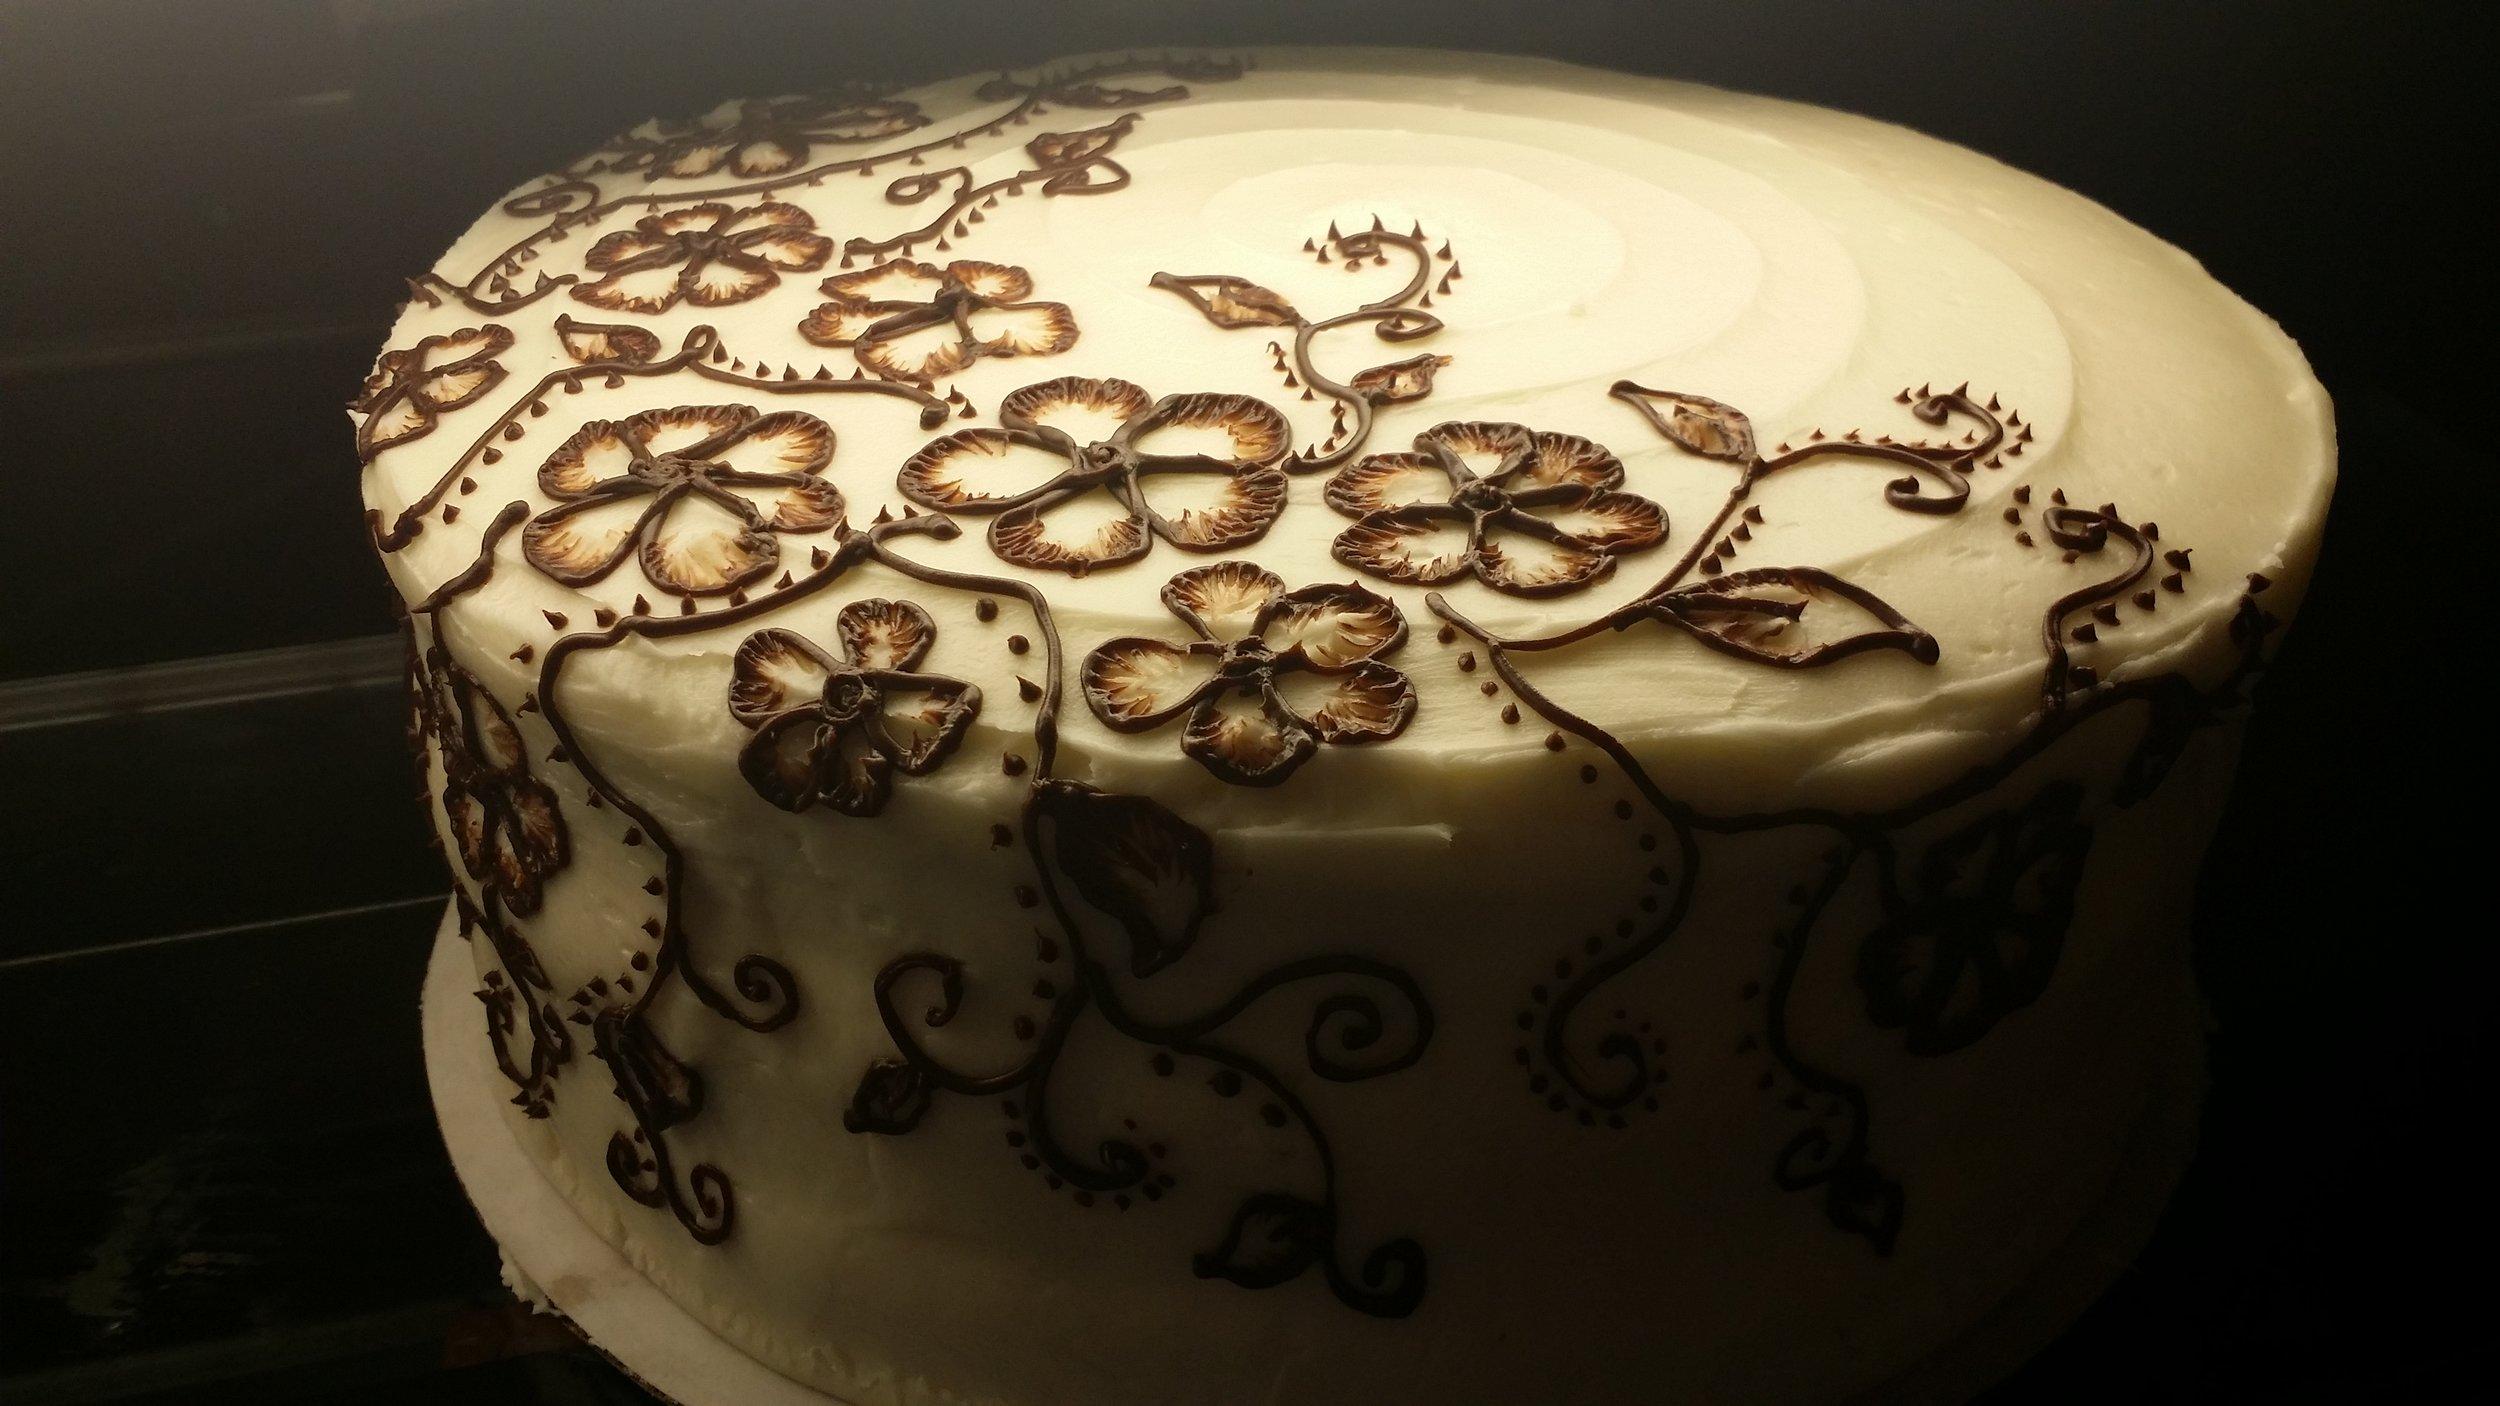 Mehndi/henna inspired cake